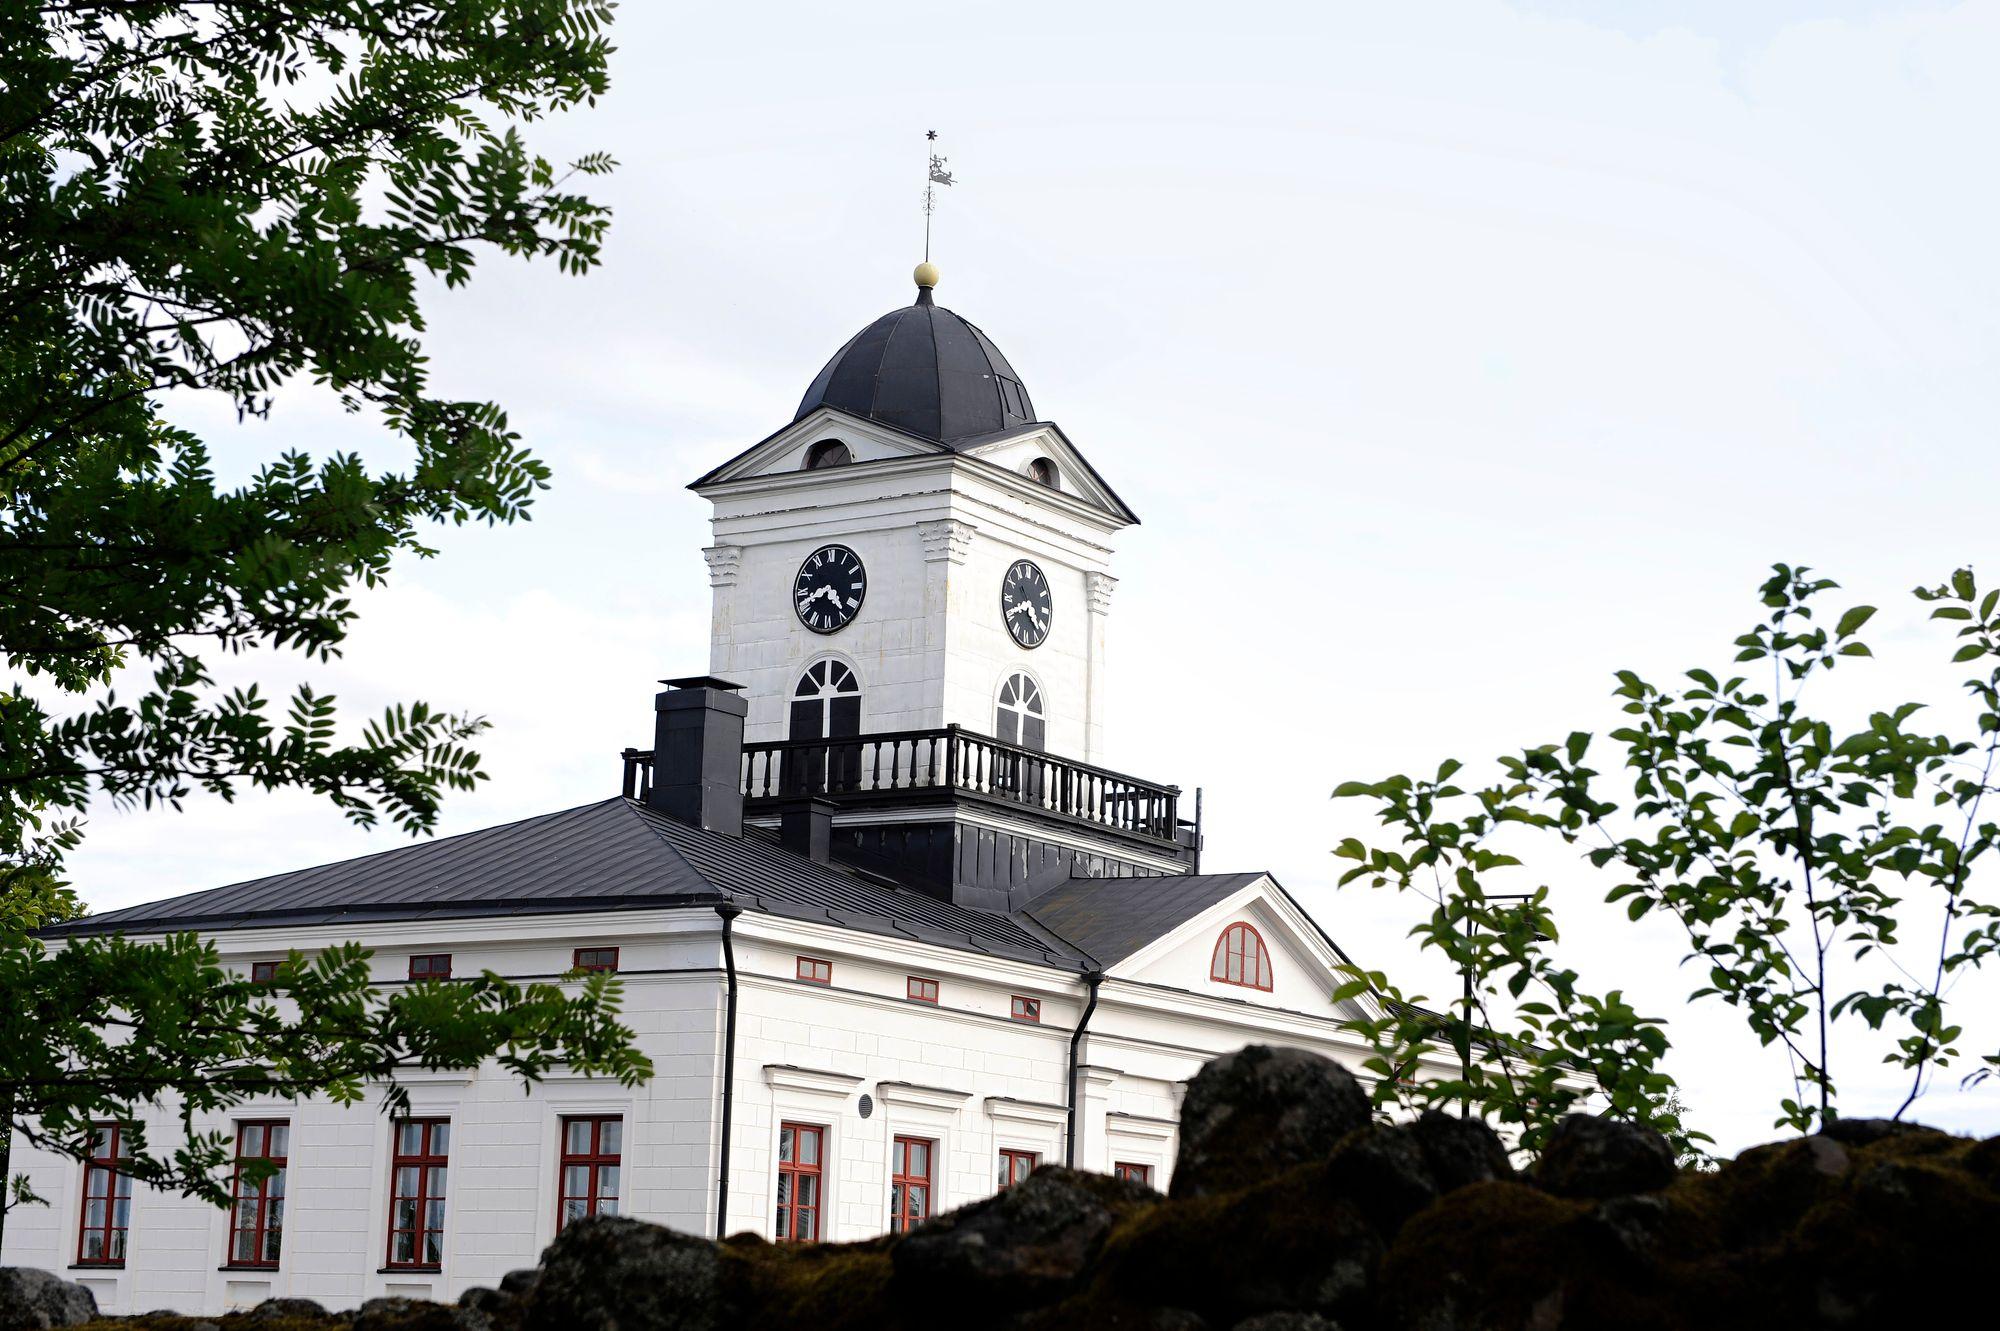 Kaunis raatihuone kellotorneineen seisoo ylväänä kaupungin laella. © Harri Vaskimo